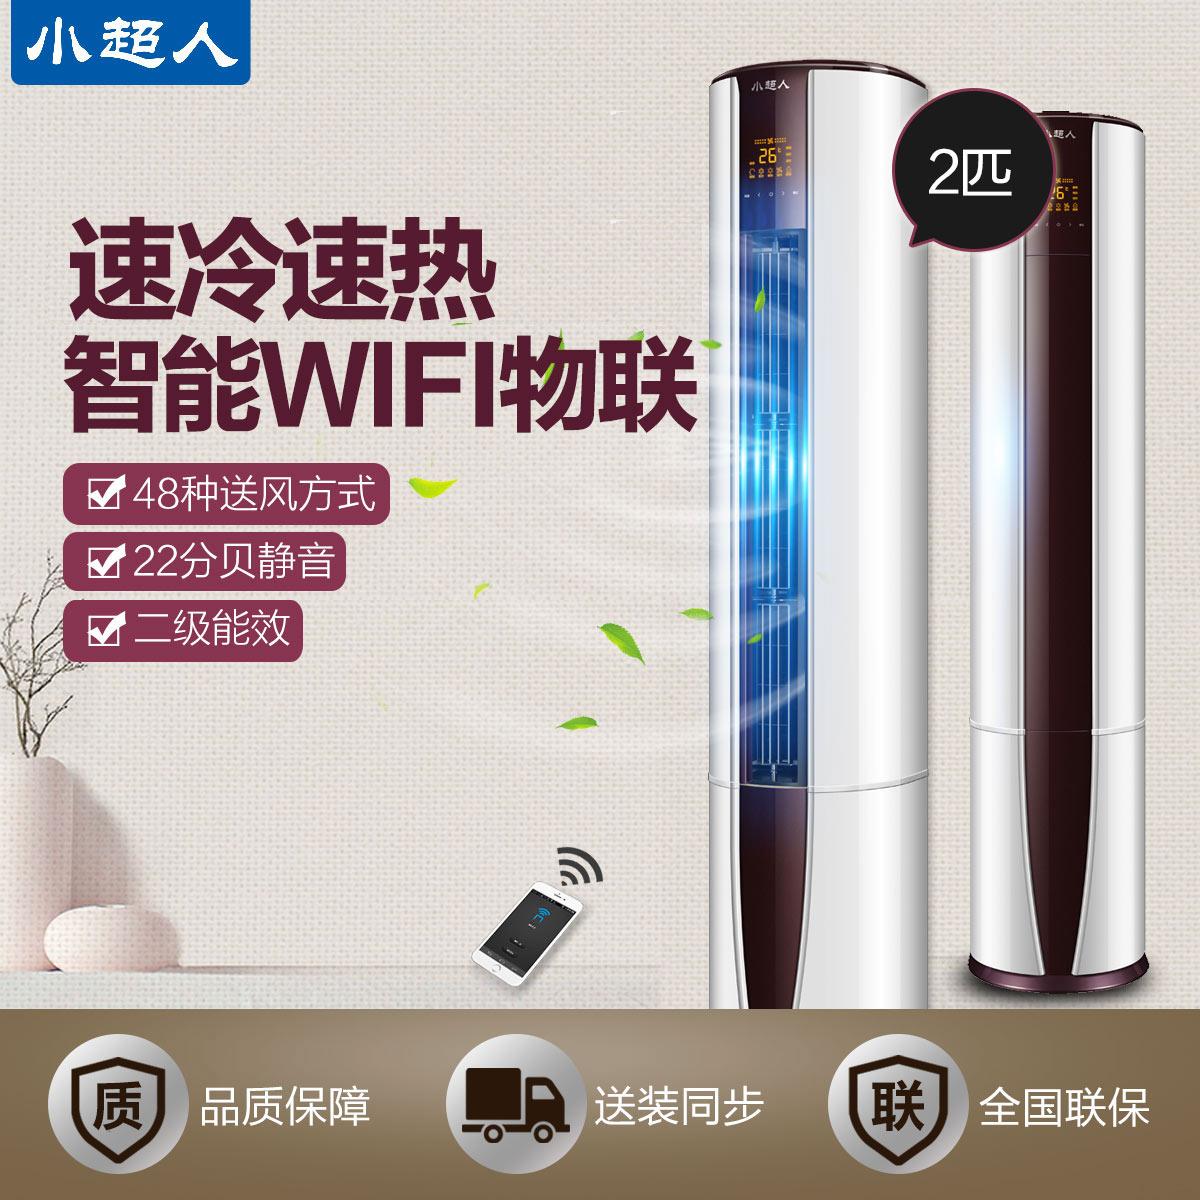 智能物联功能,实时掌控,打造智能生活;二级能效,省电新主流,48种送风方式,感受温柔自然风 KFR-50LW/10AH-2U1套机 2匹智能WIFI柜式空调/二级节能/智能操控